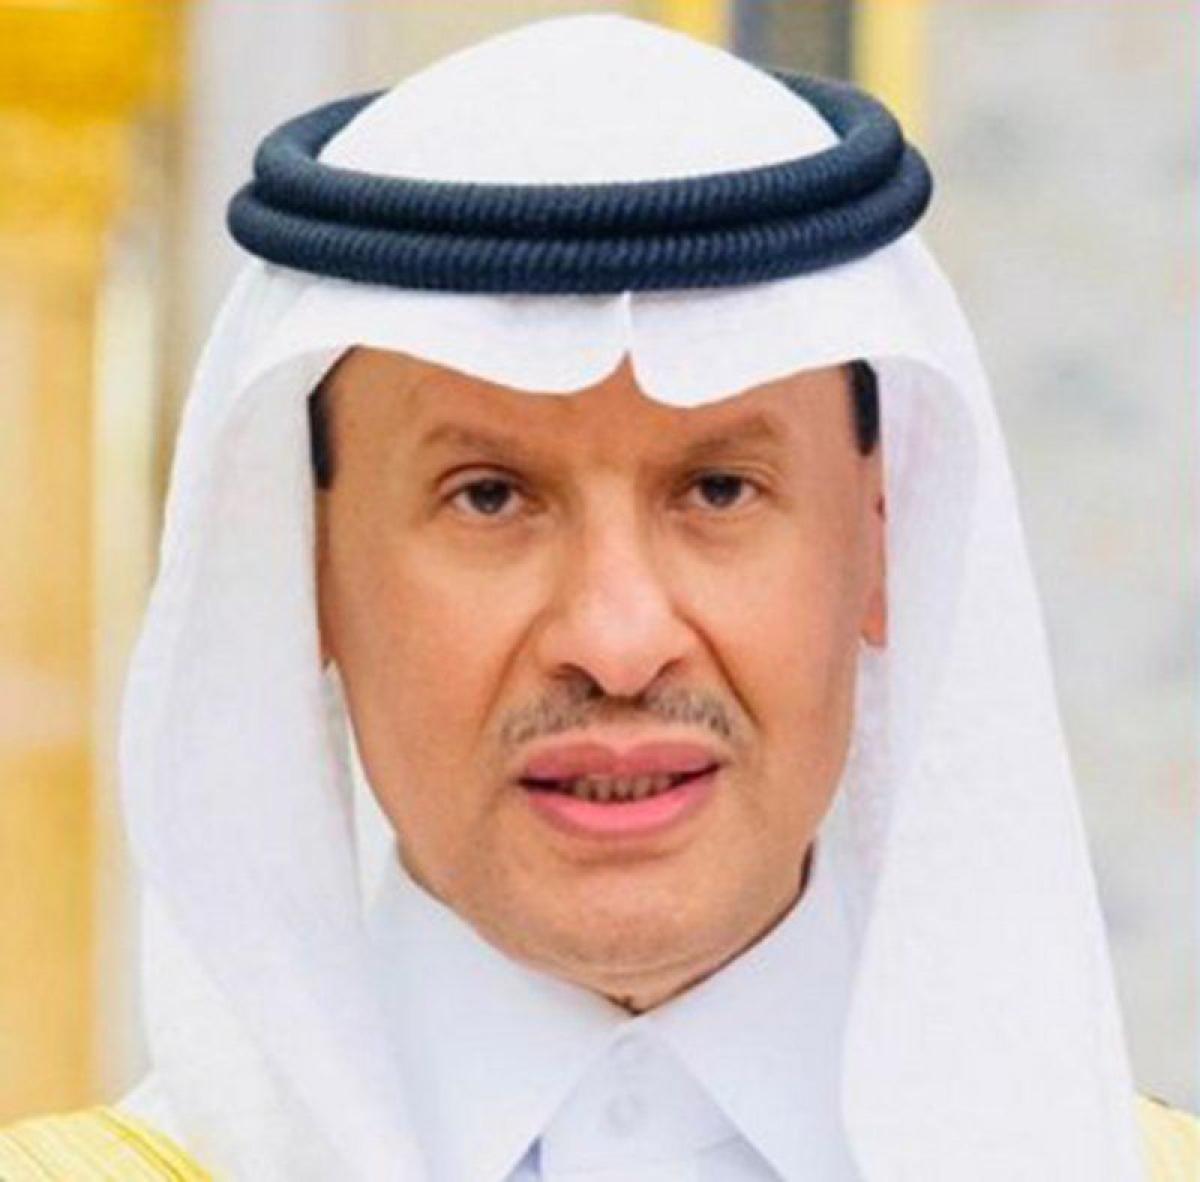 عبدالعزيز بن سلمان: الطلب على الطاقة الكهربائية يشهد زيادة مطردة